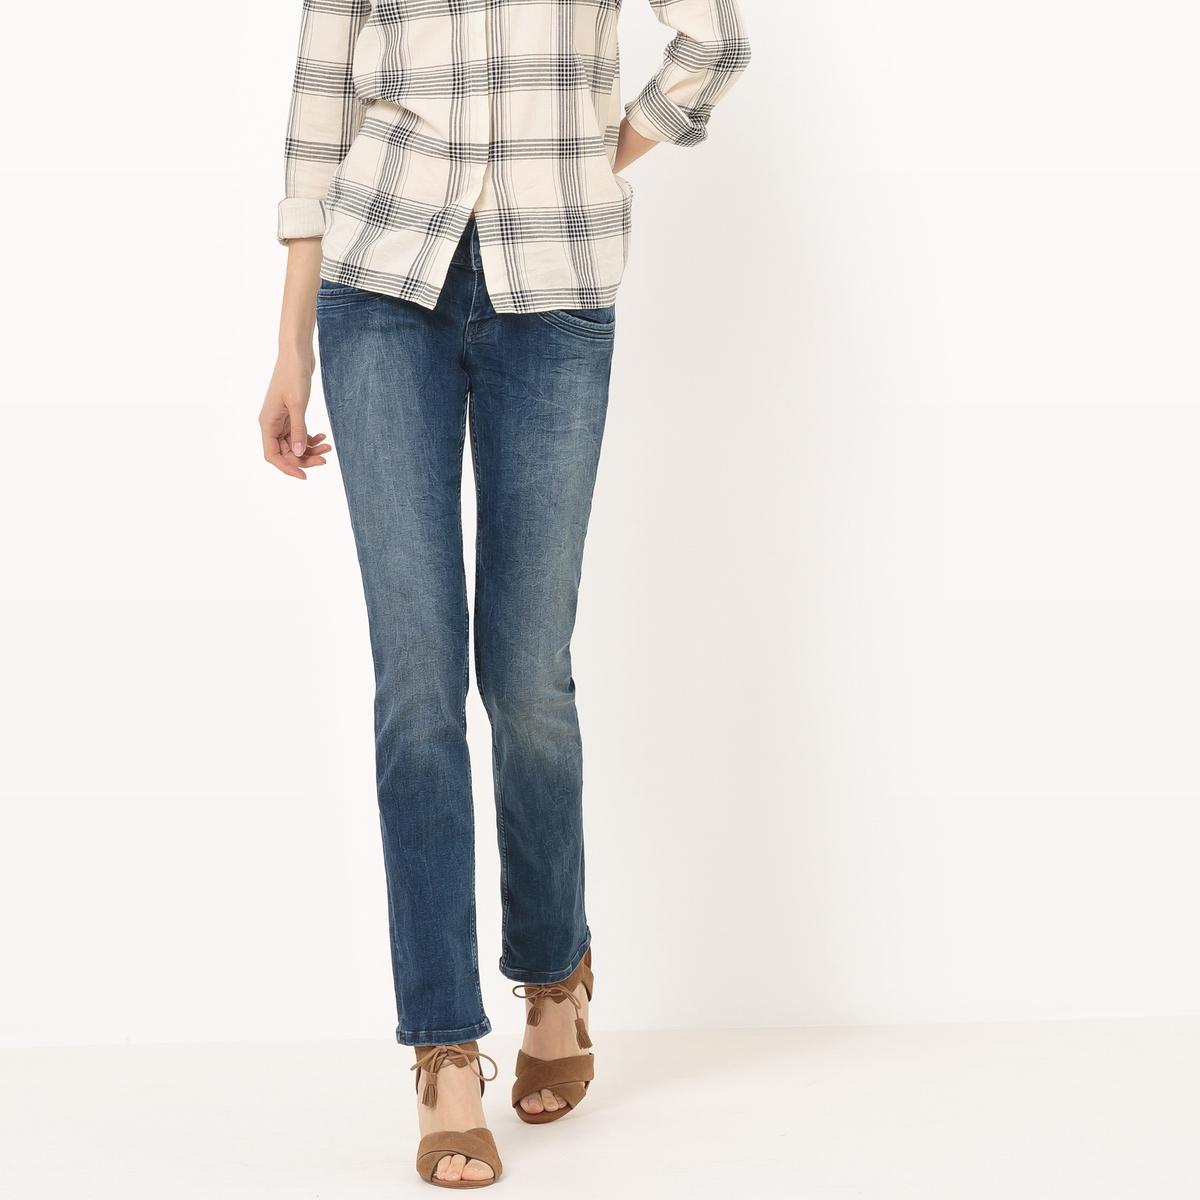 Джинсы базового гардеробаМатериал : 98% хлопка, 2% эластана  Высота пояса : стандартная Покрой джинсов : классический, прямой Длина джинсов : длина 32<br><br>Цвет: синий потертый